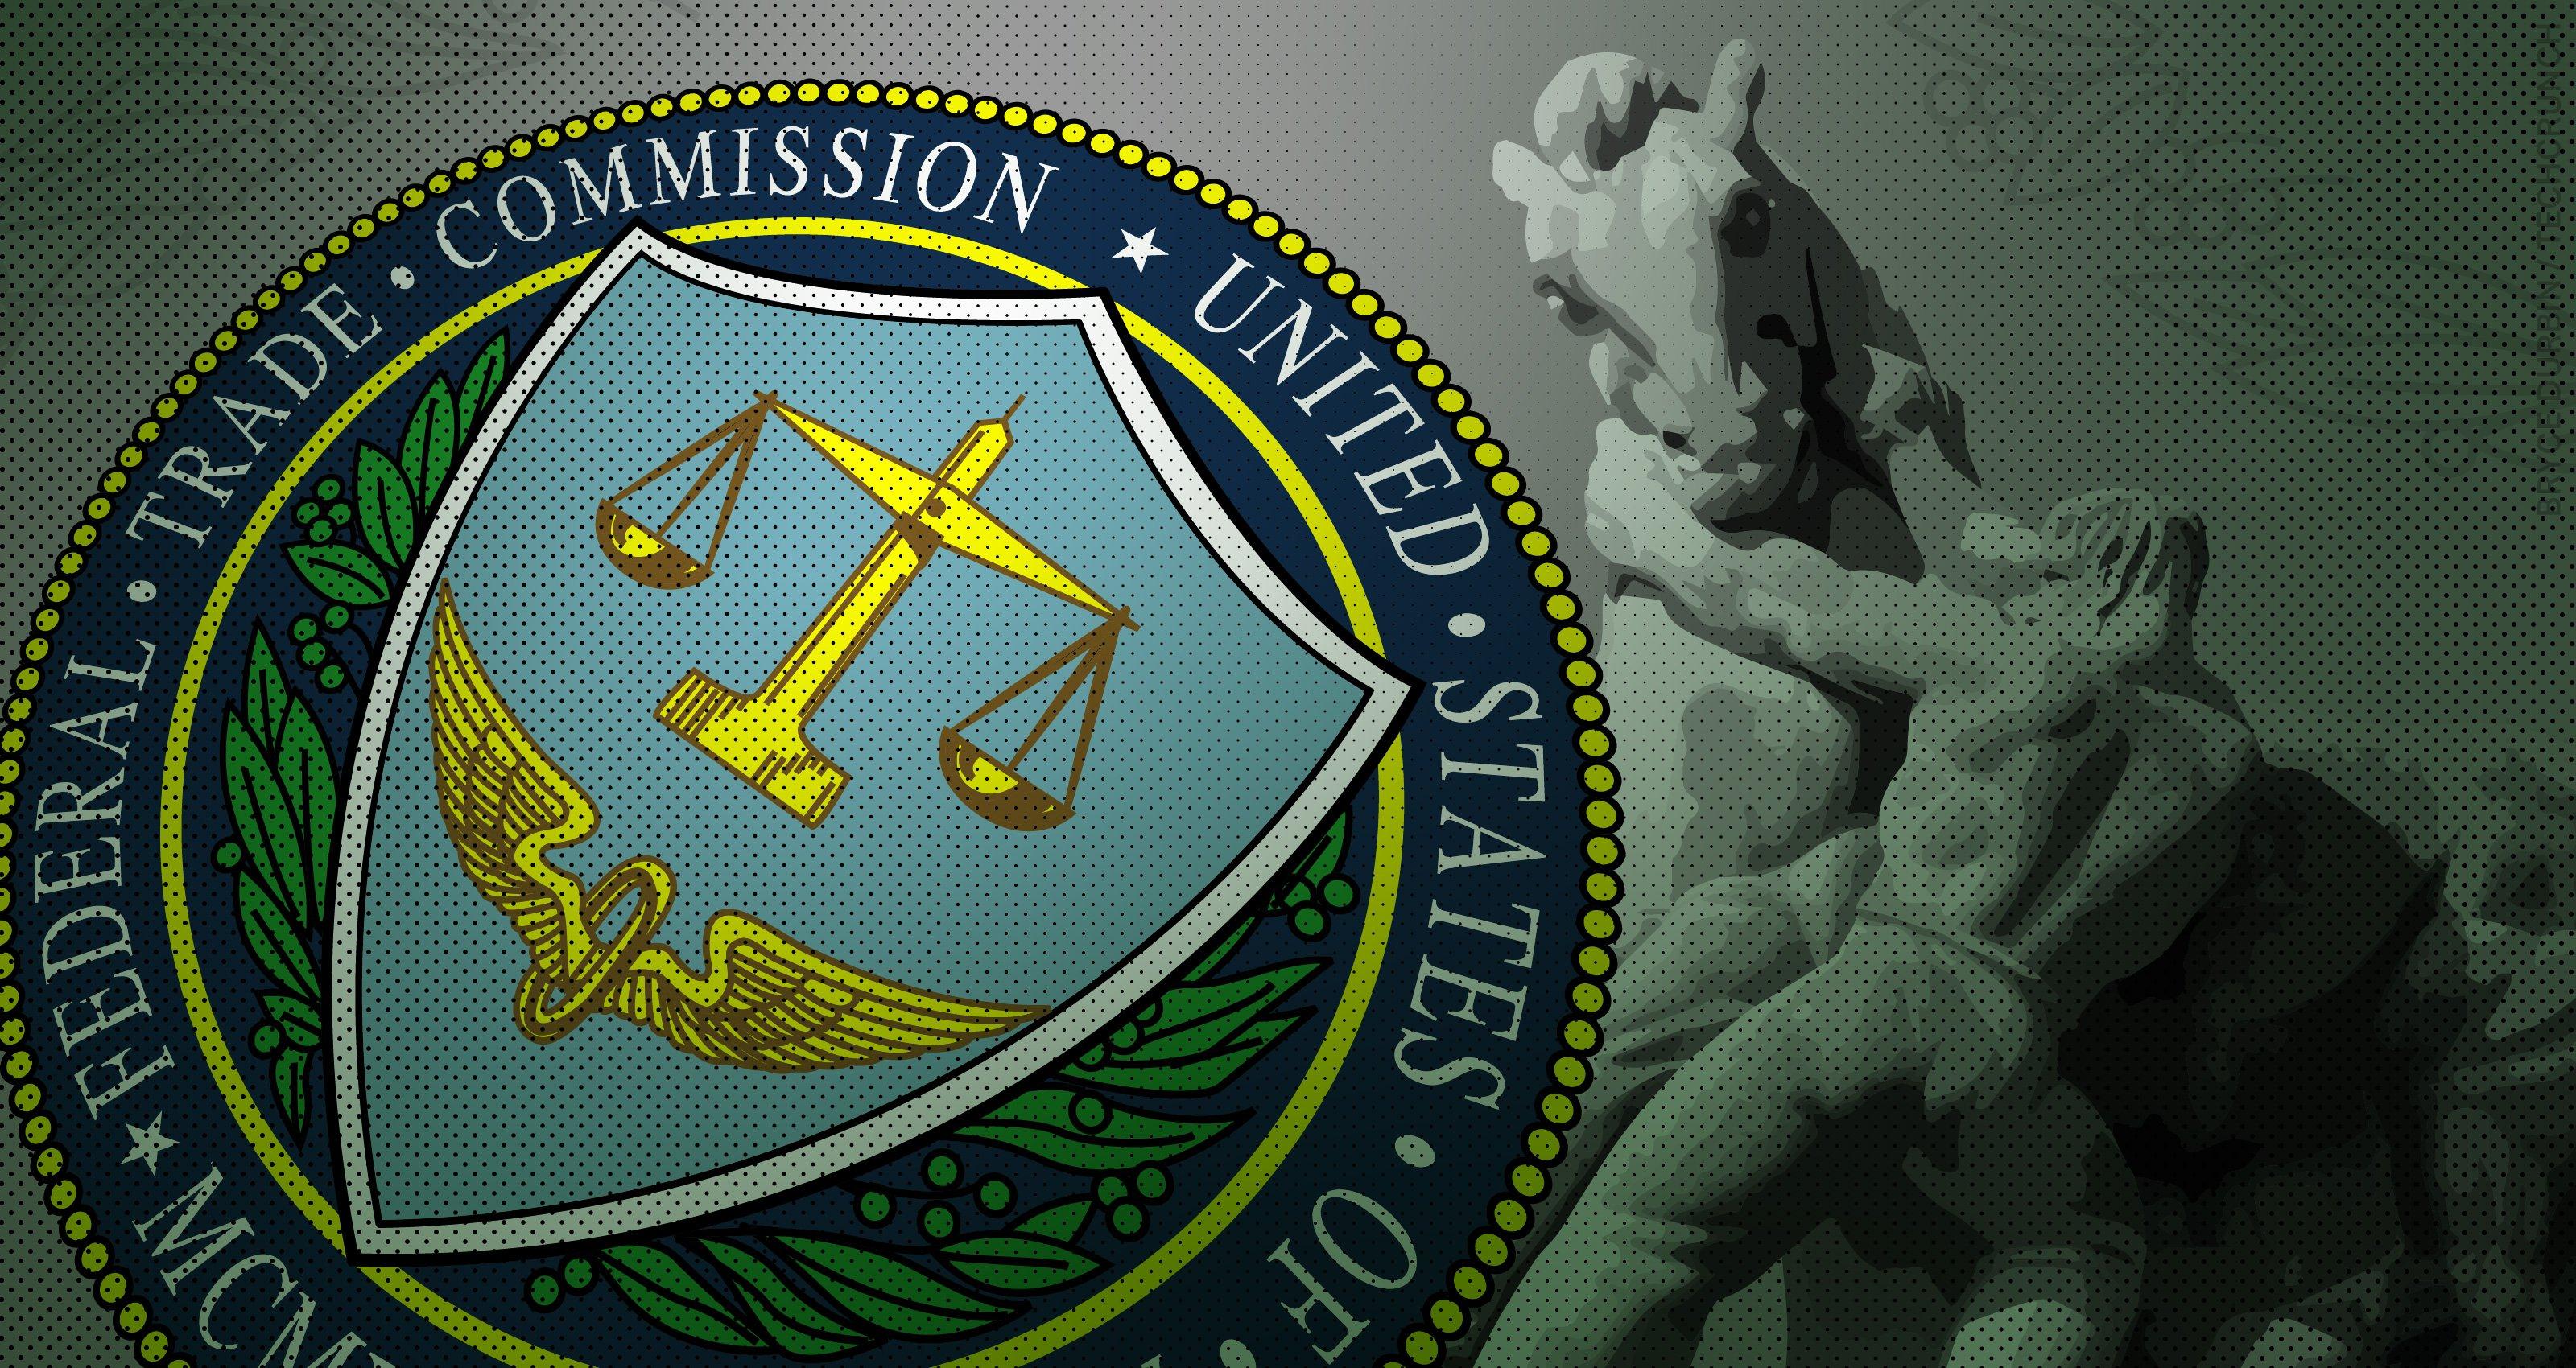 Федеральная торговая комиссия США подала новый антимонопольный иск к Facebook